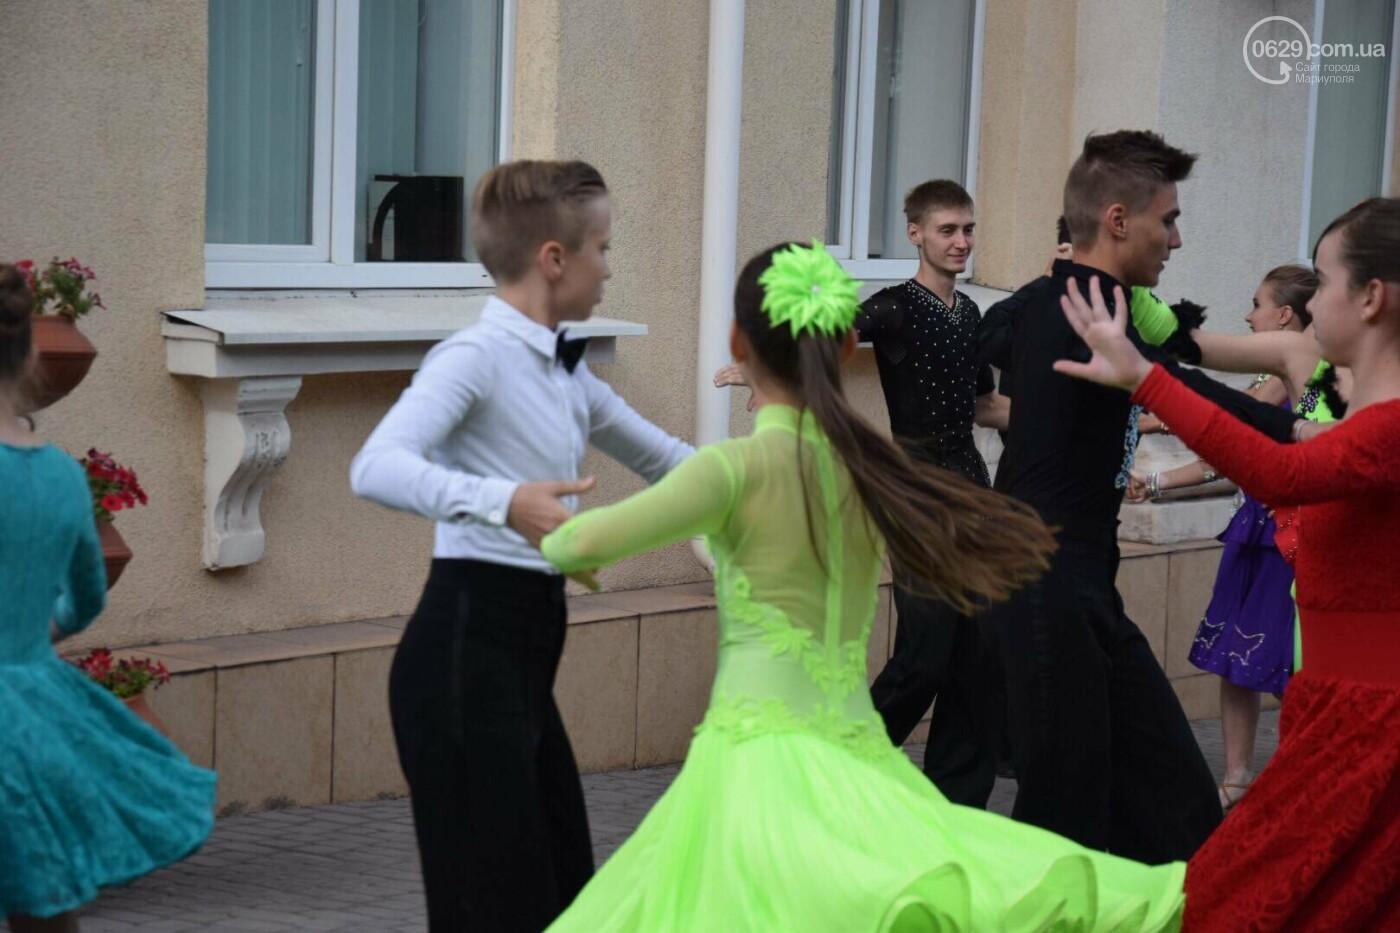 """Спасение """"Зироньки"""": в  Мариуполе дети устроили танцевальный флешмоб под зданием мэрии, - ФОТО, фото-10"""